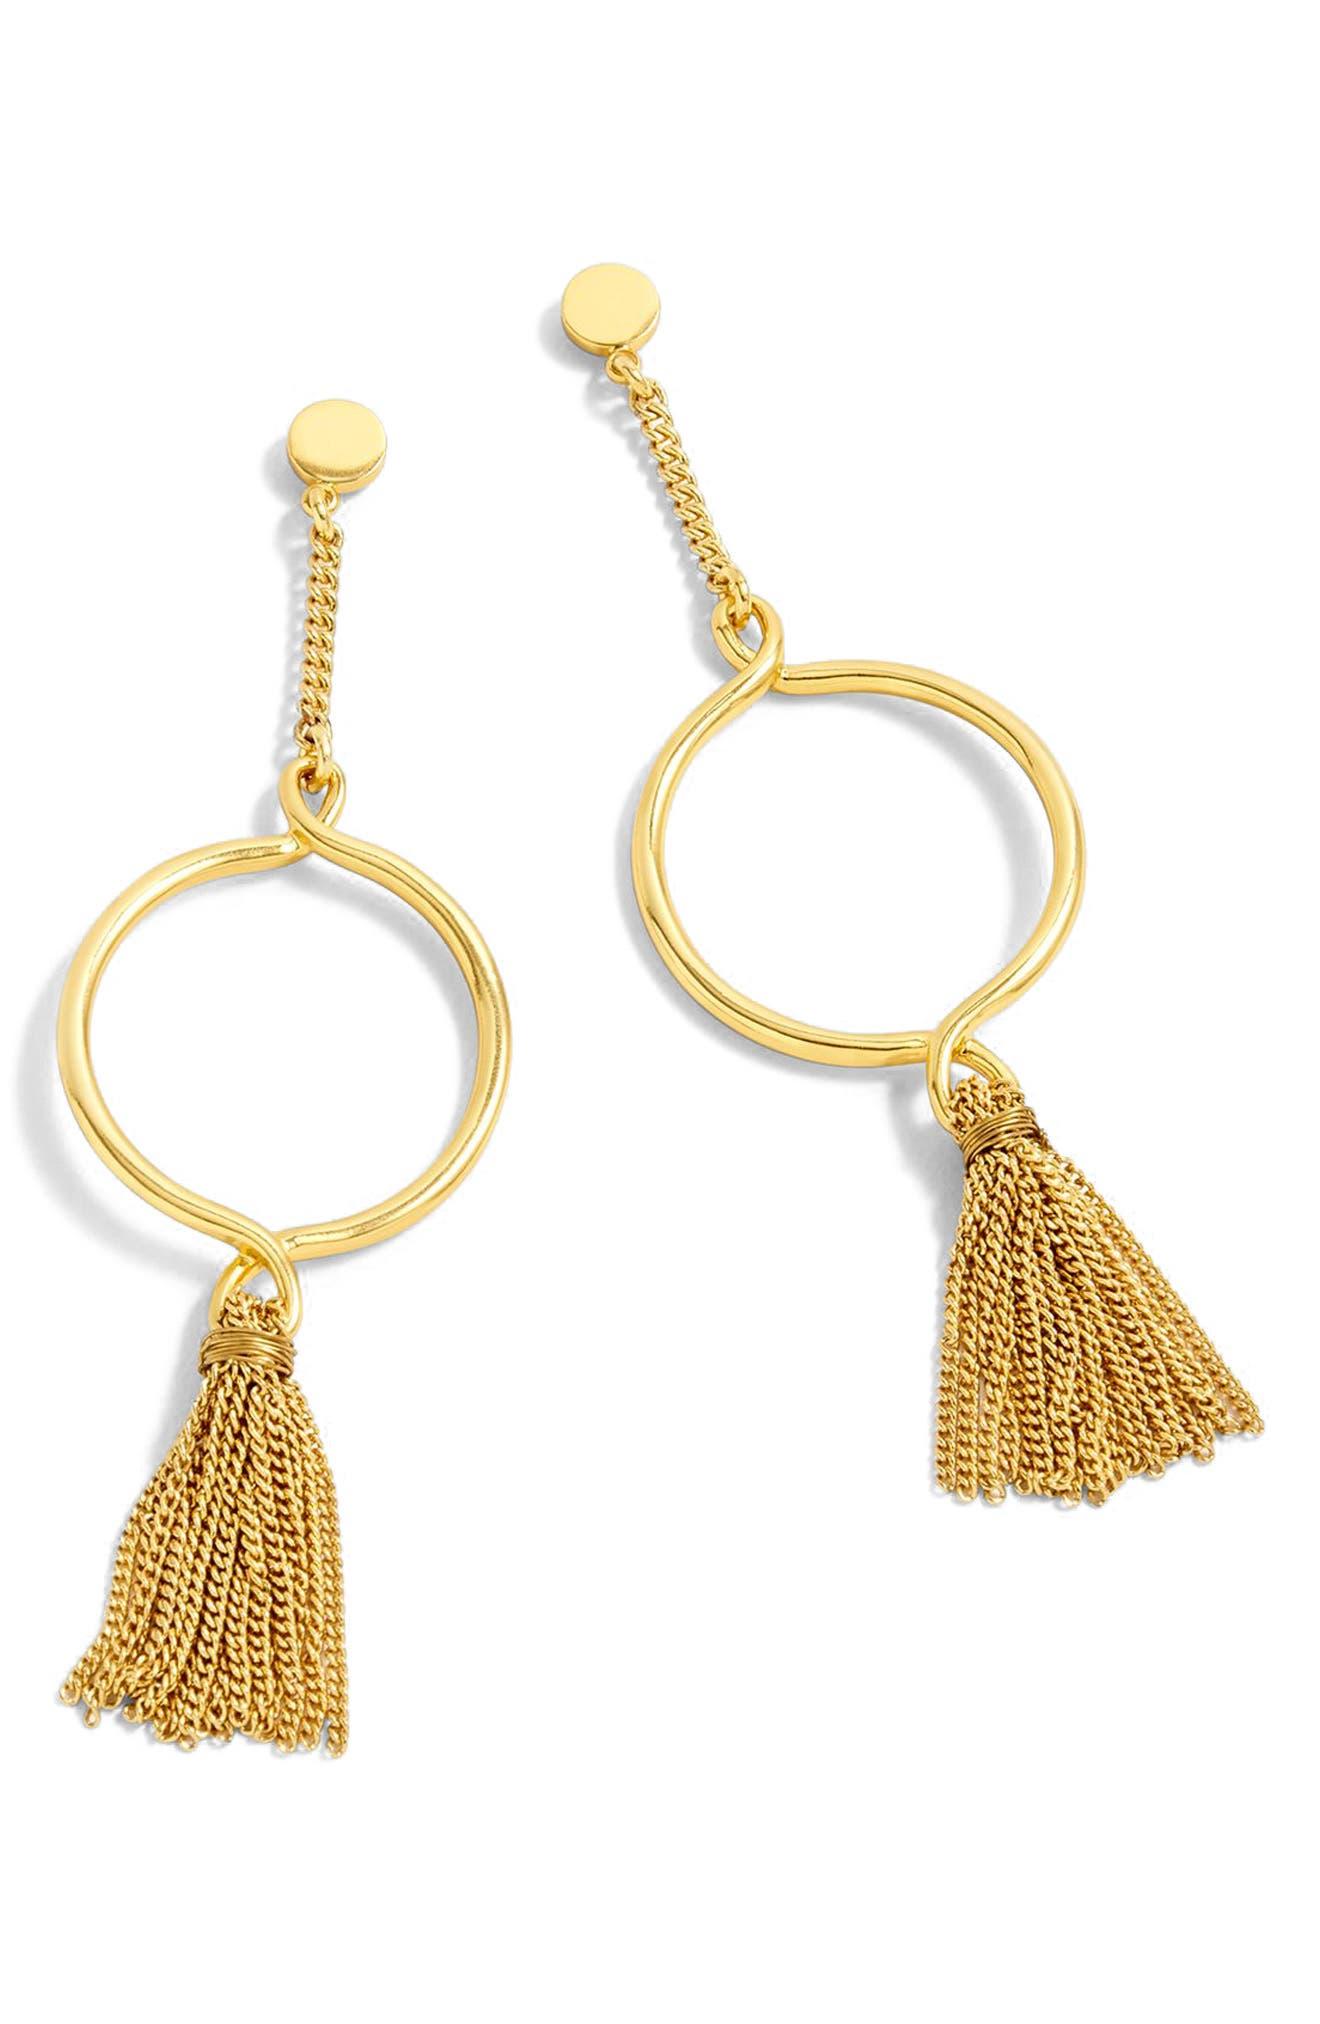 Hanging Hoop Broom Earrings,                             Main thumbnail 1, color,                             710